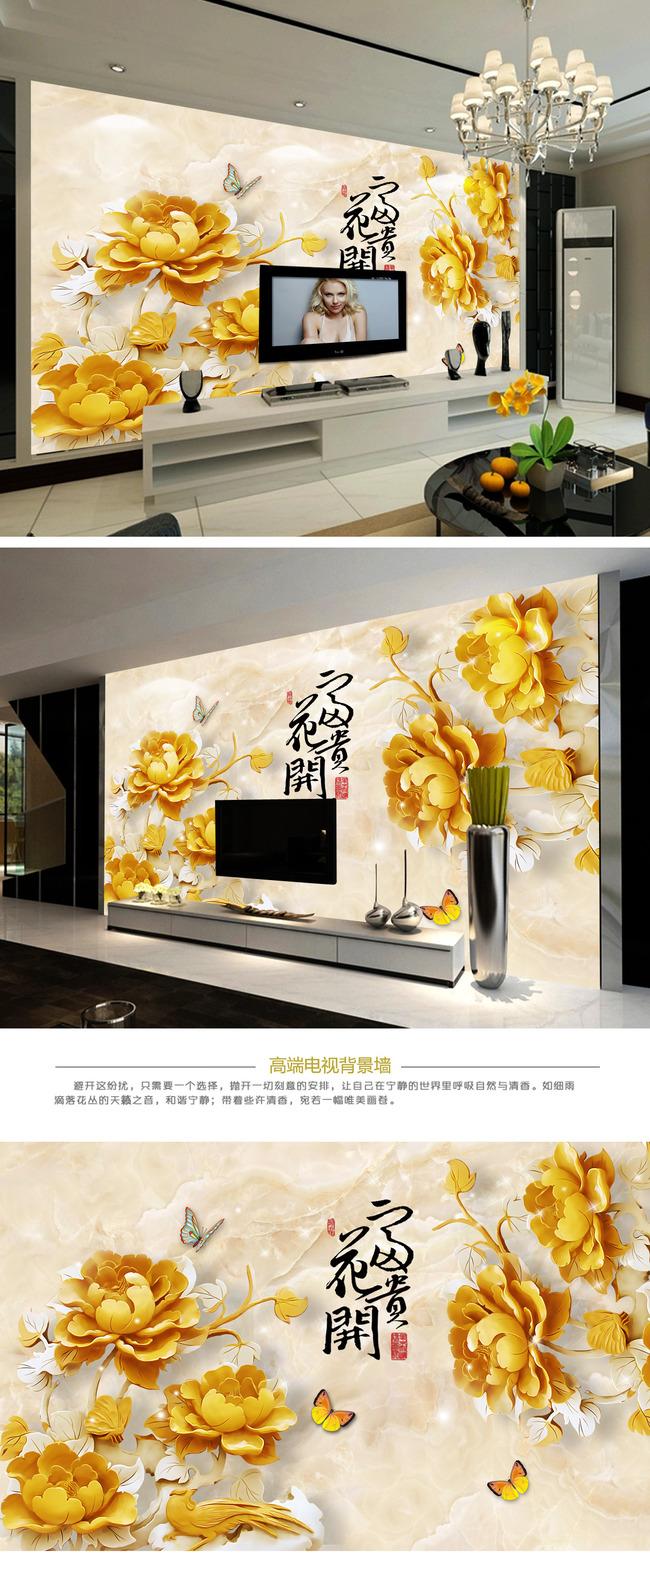 背景墙|装饰画 电视背景墙 3d电视背景墙 > 3d立体海洋世界壁画背景墙